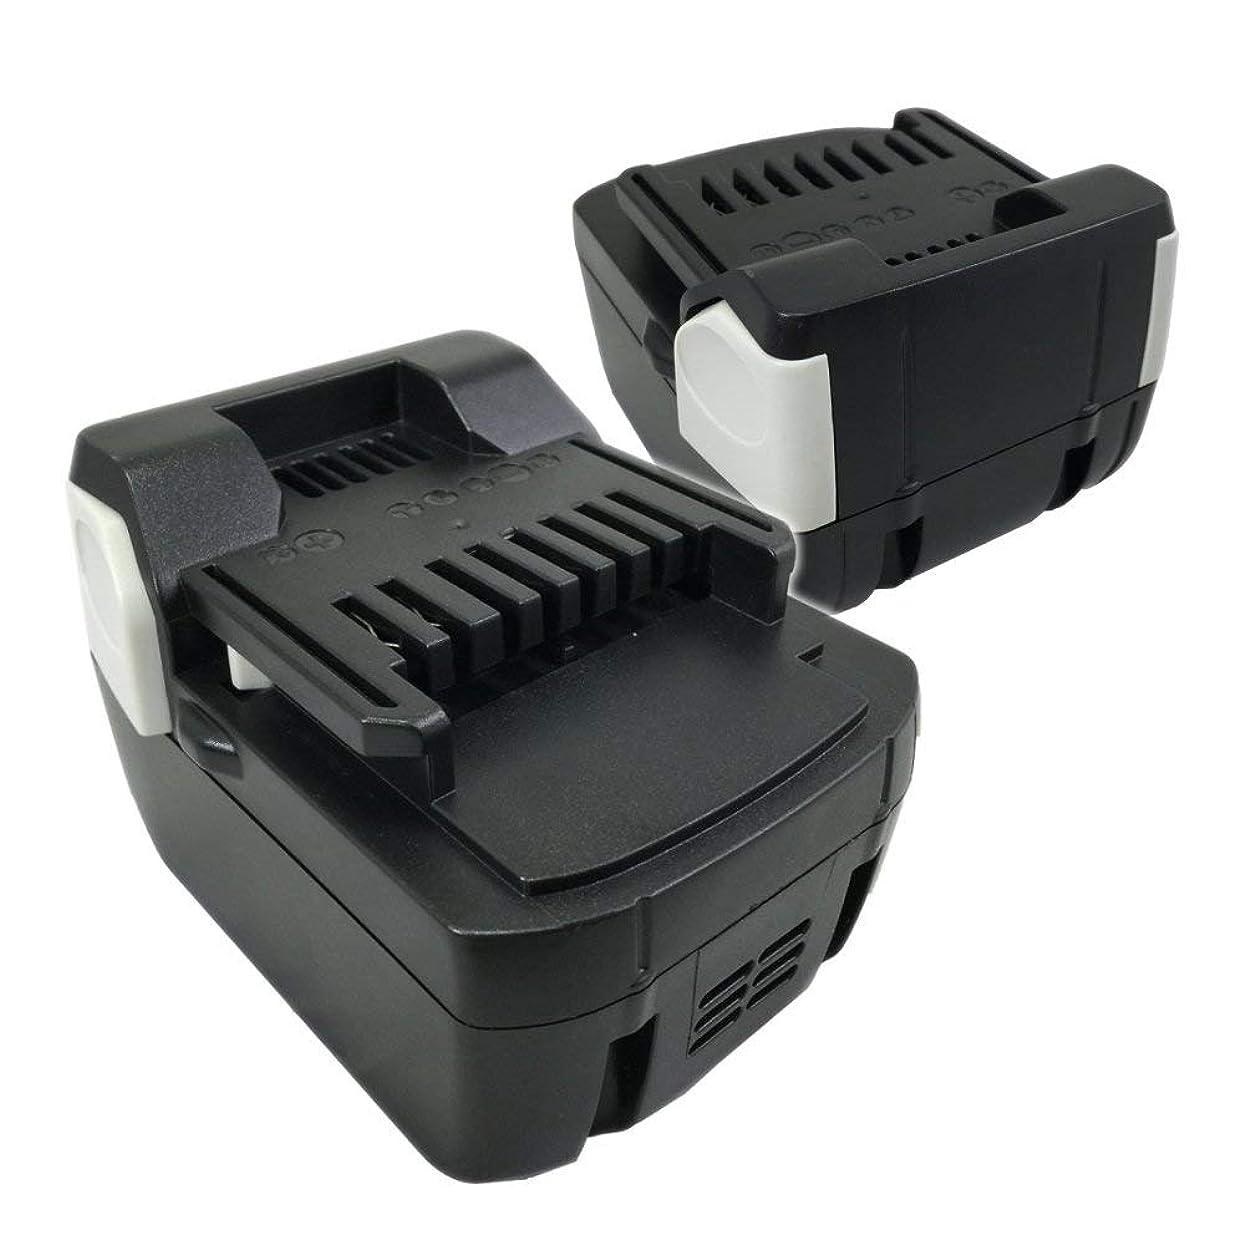 2個セット 日立工機 Hitachi BSL1430 互換バッテリー 14.4V 3000mAh BSL1440 BSL1450 BSL1460 互換品